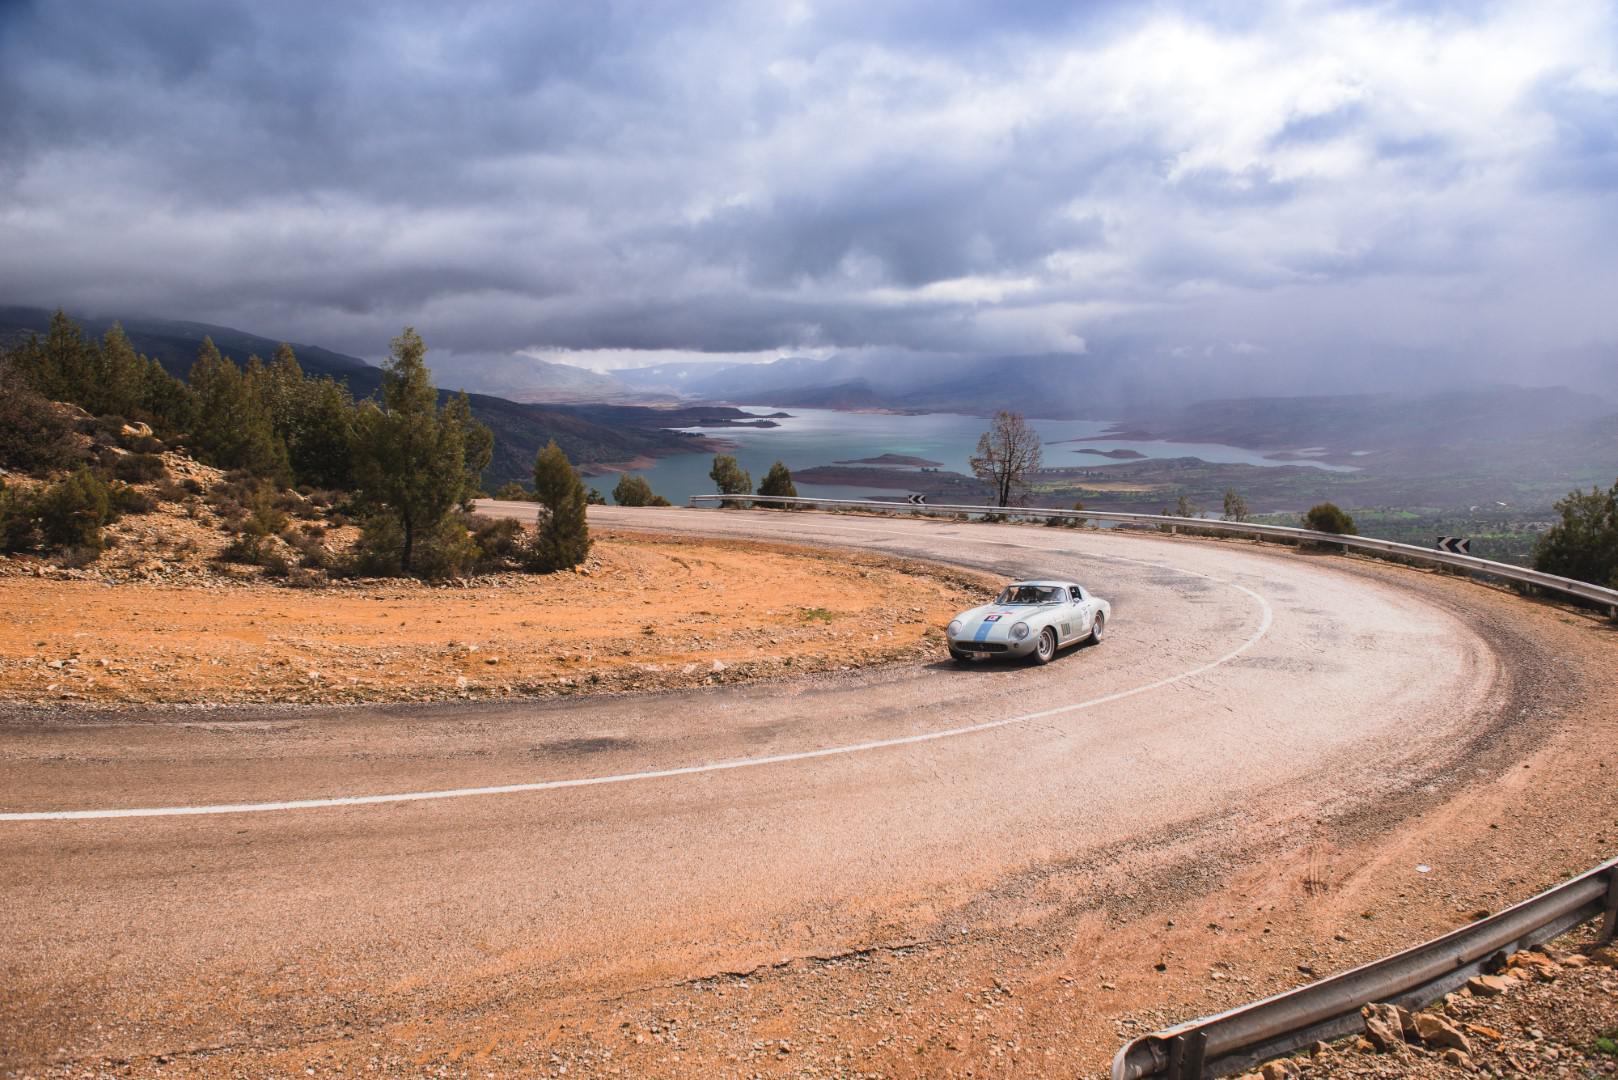 victoire-marocaine-pour-le-25eme-anniversaire-du-rallye-maroc-classic-680-25.jpg